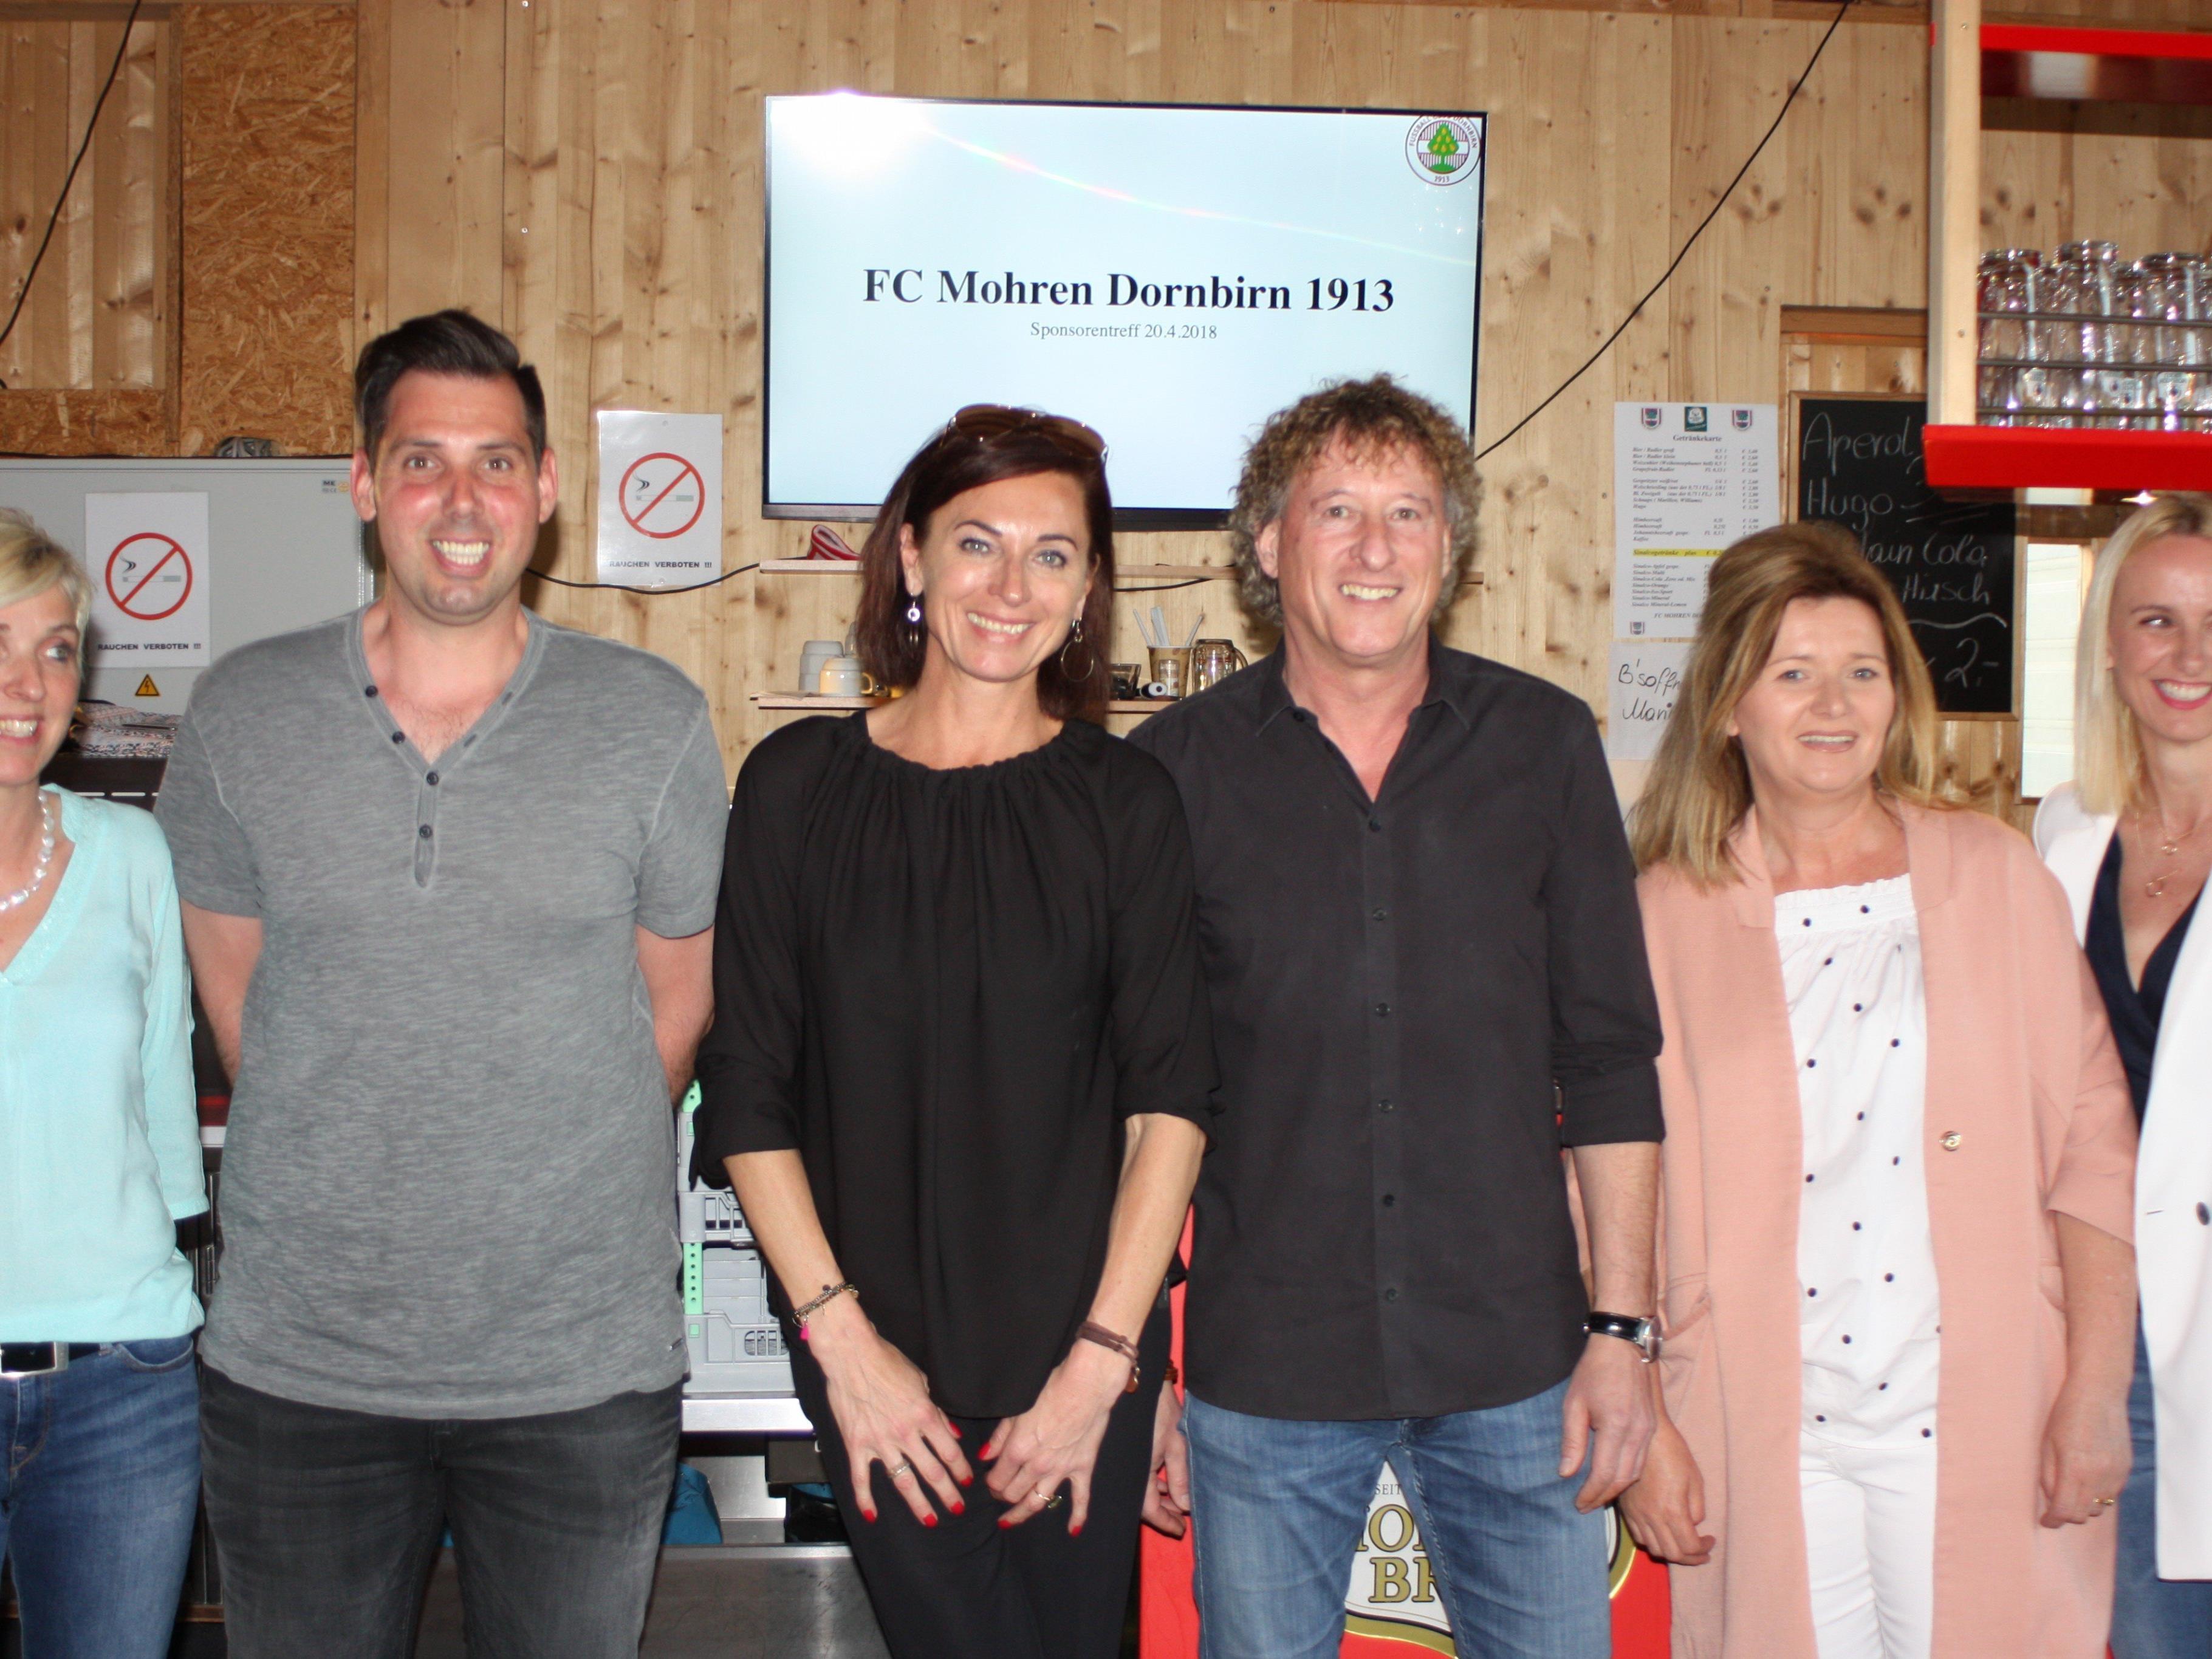 Sponsorenabend beim FC Dornbirn